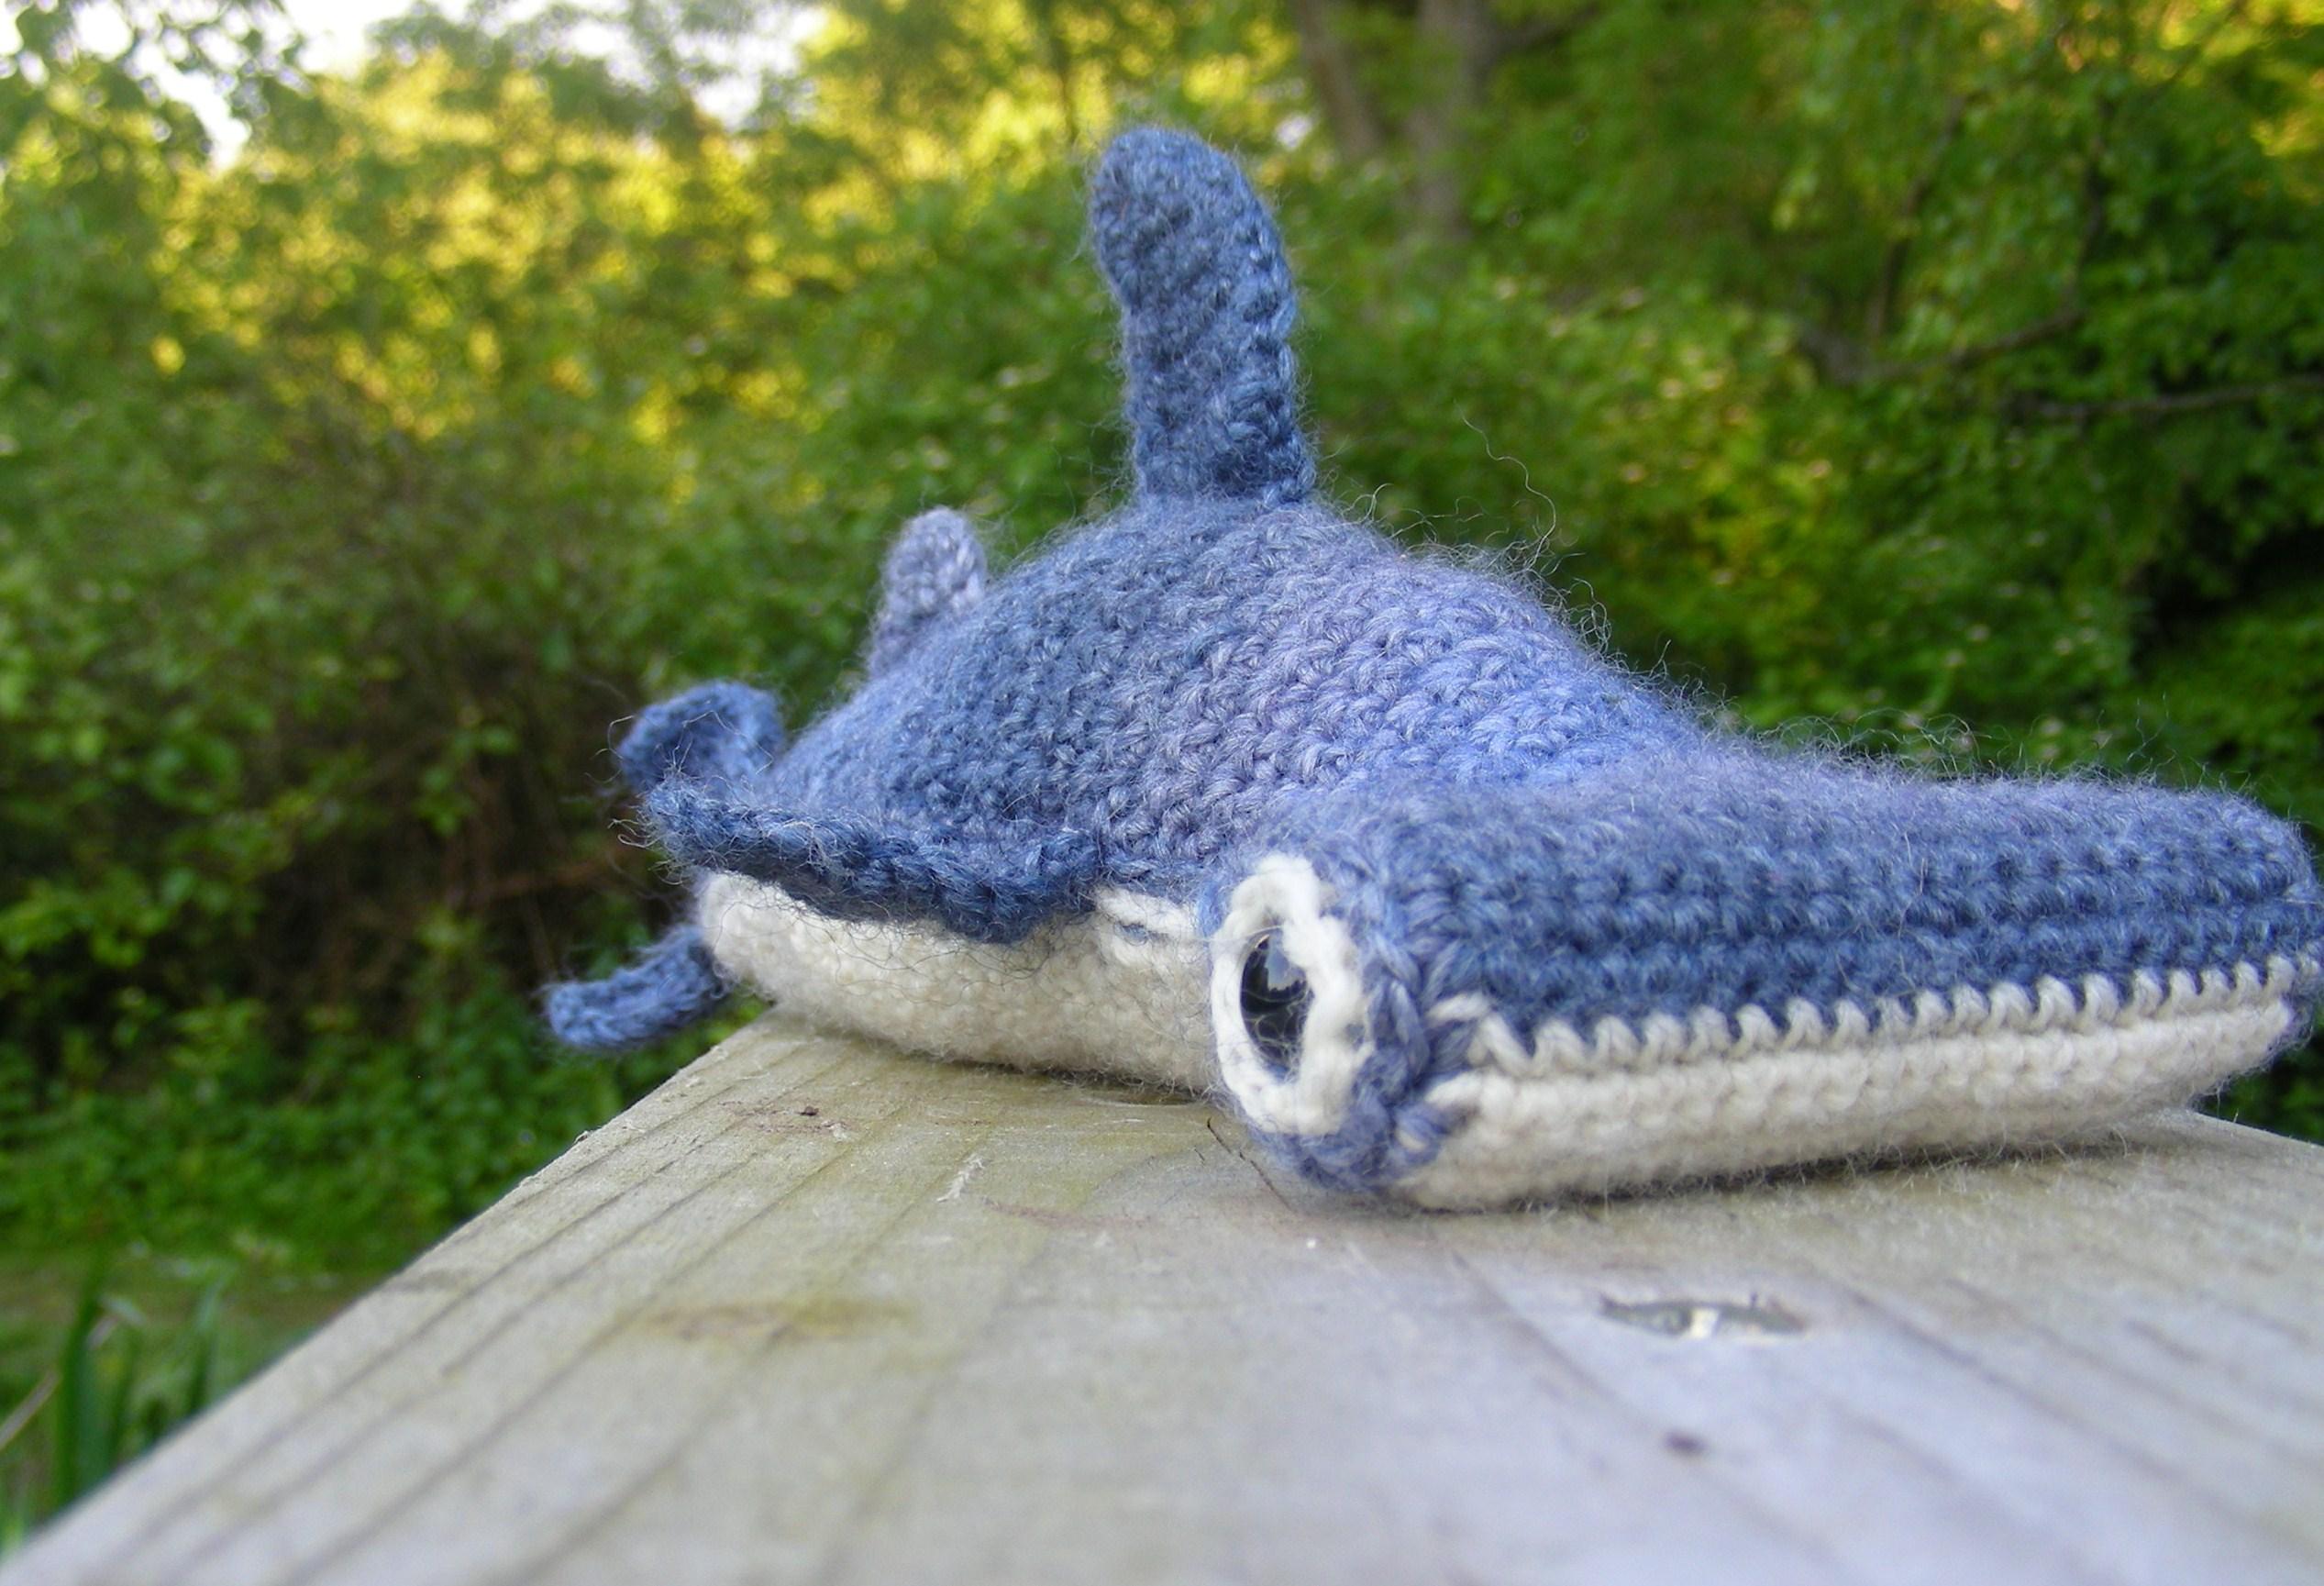 Roman Sock Inspired Again Chameleons And Sharks